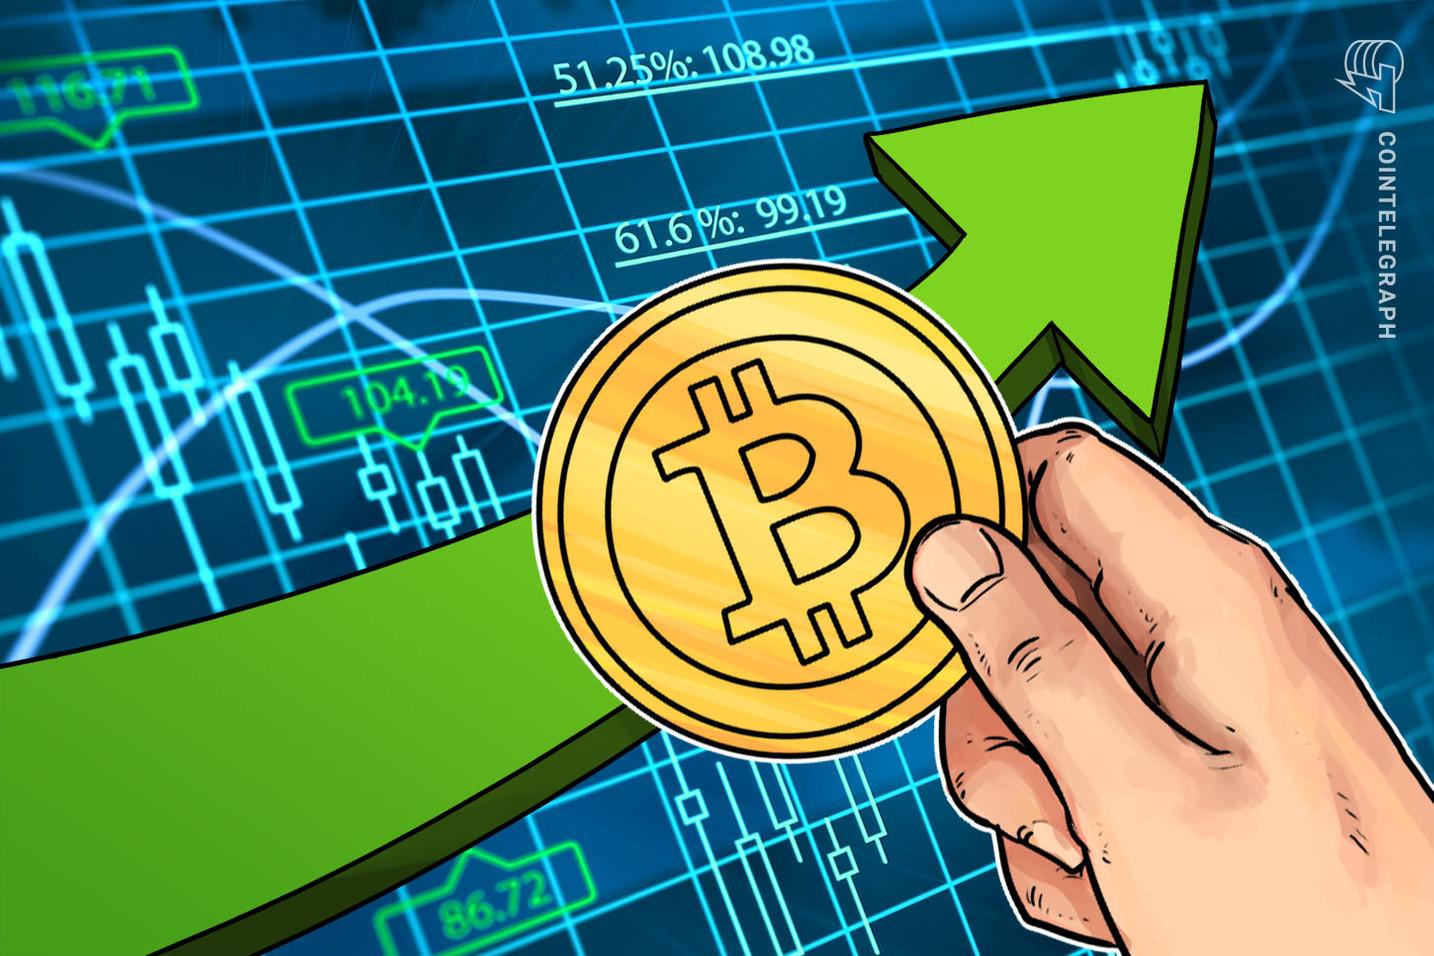 'Tudo indica que o Bitcoin vai subir de preço em 2020' diz CEO de empresa de investimentos